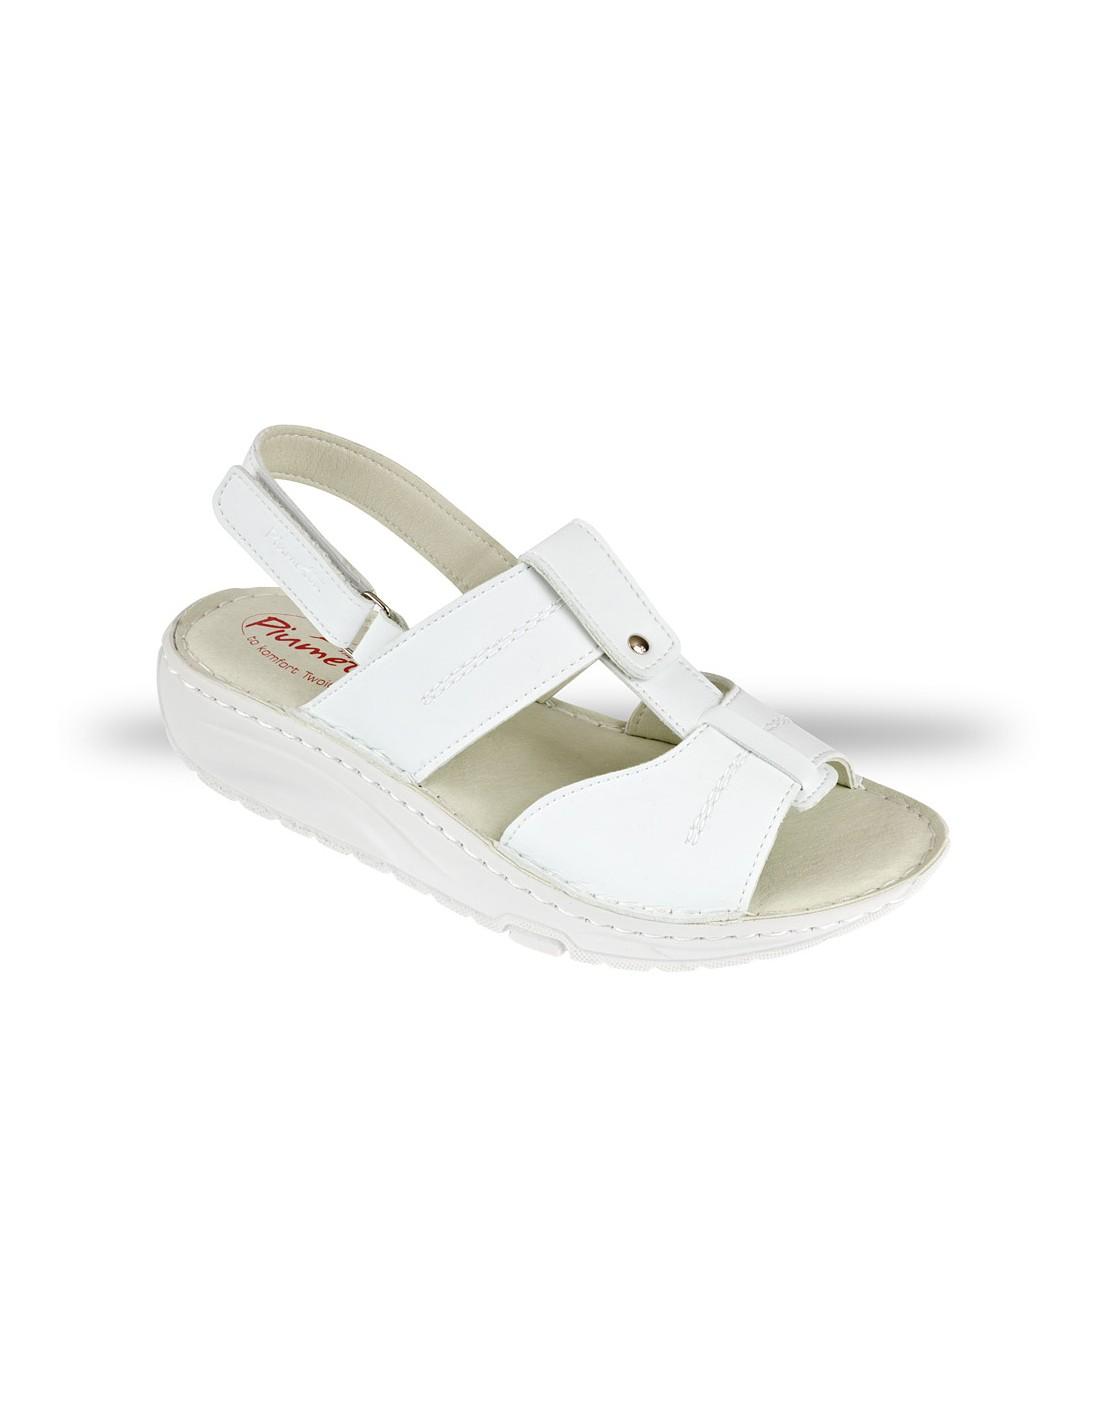 Sandały damskie Piumetta Julex model 6262 Supon